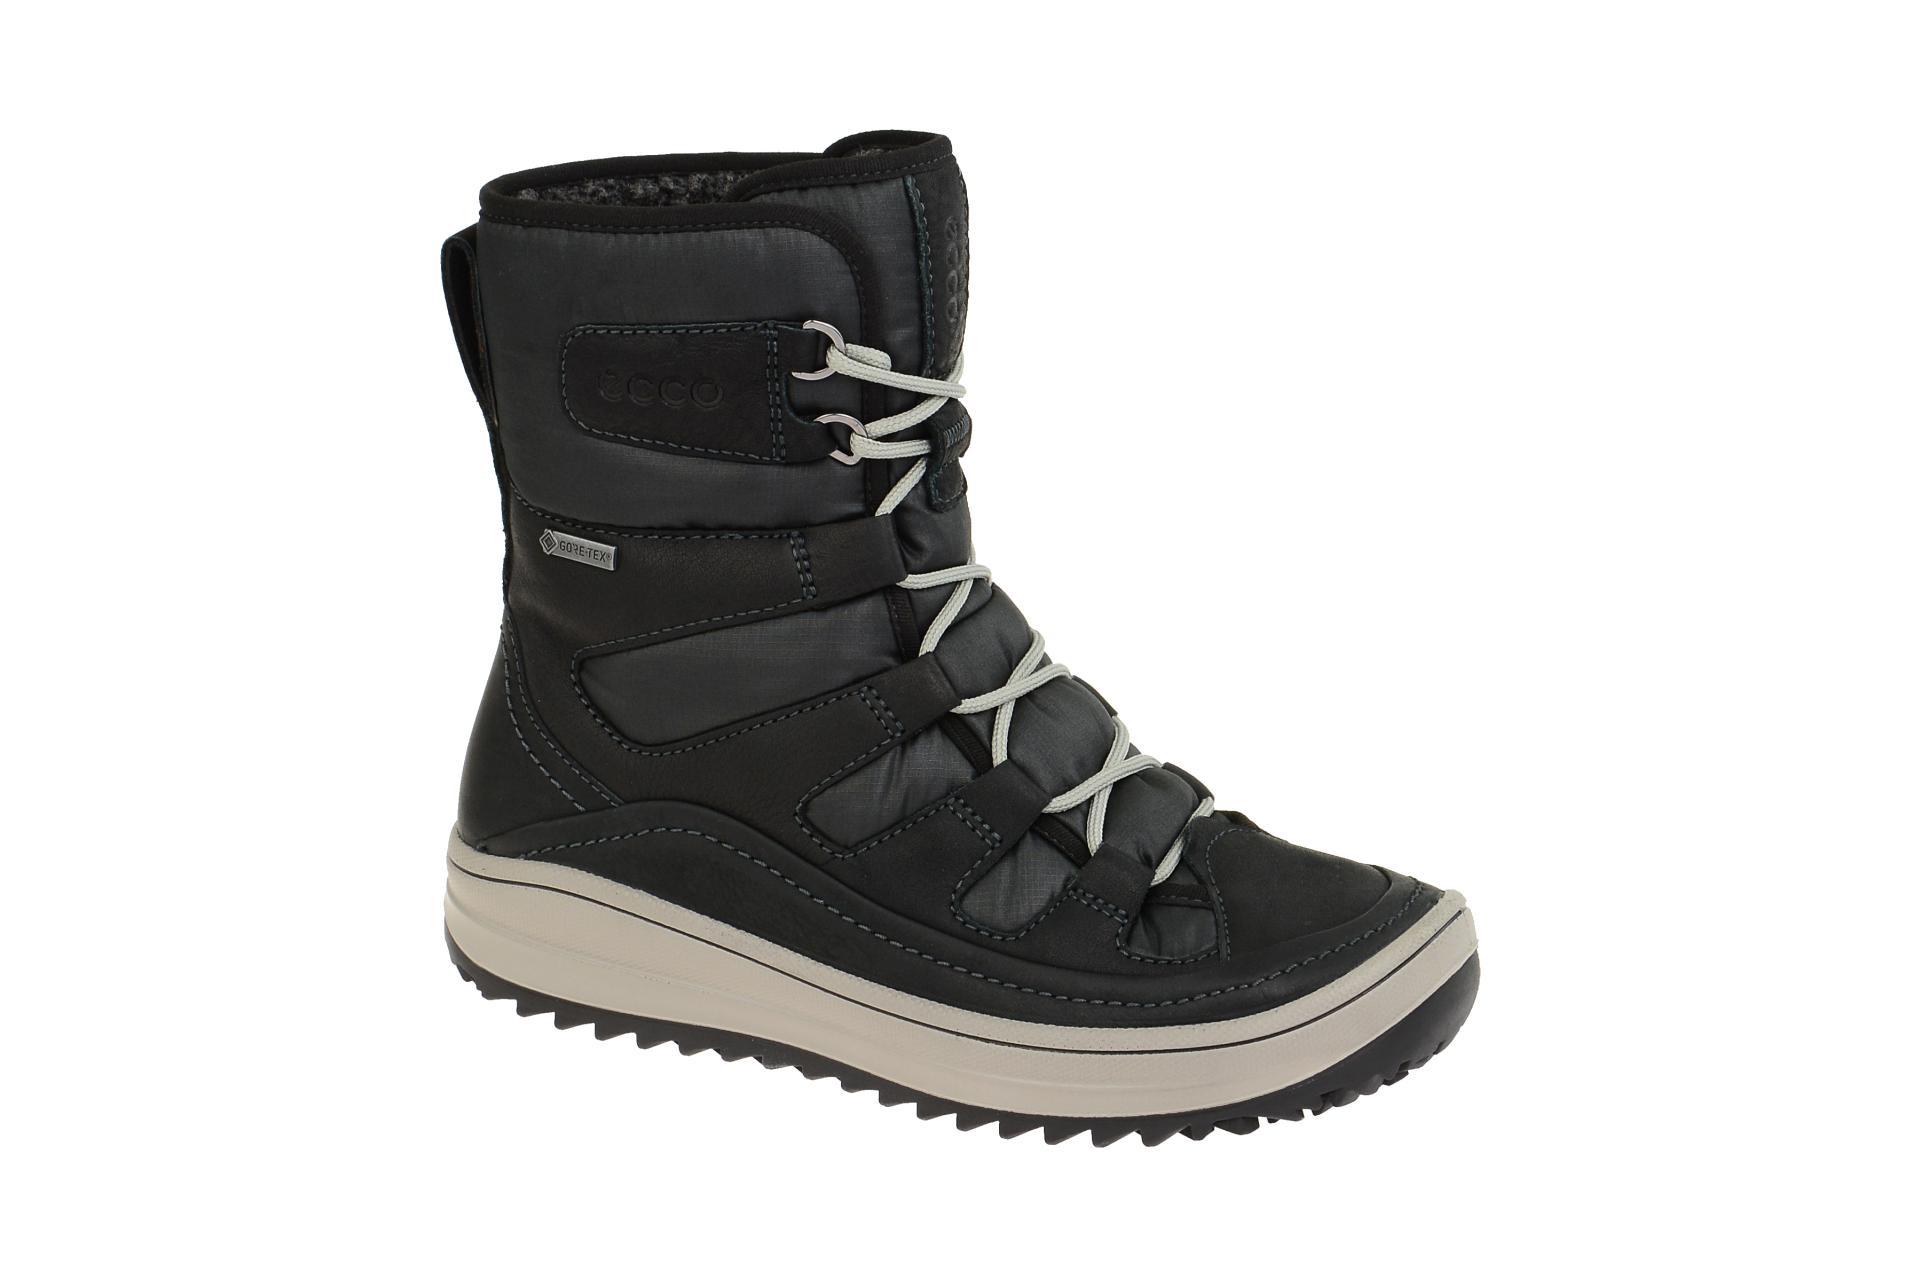 exklusive Schuhe erstaunliche Qualität Fabrik authentisch Ecco Trace schwarz 83404351052